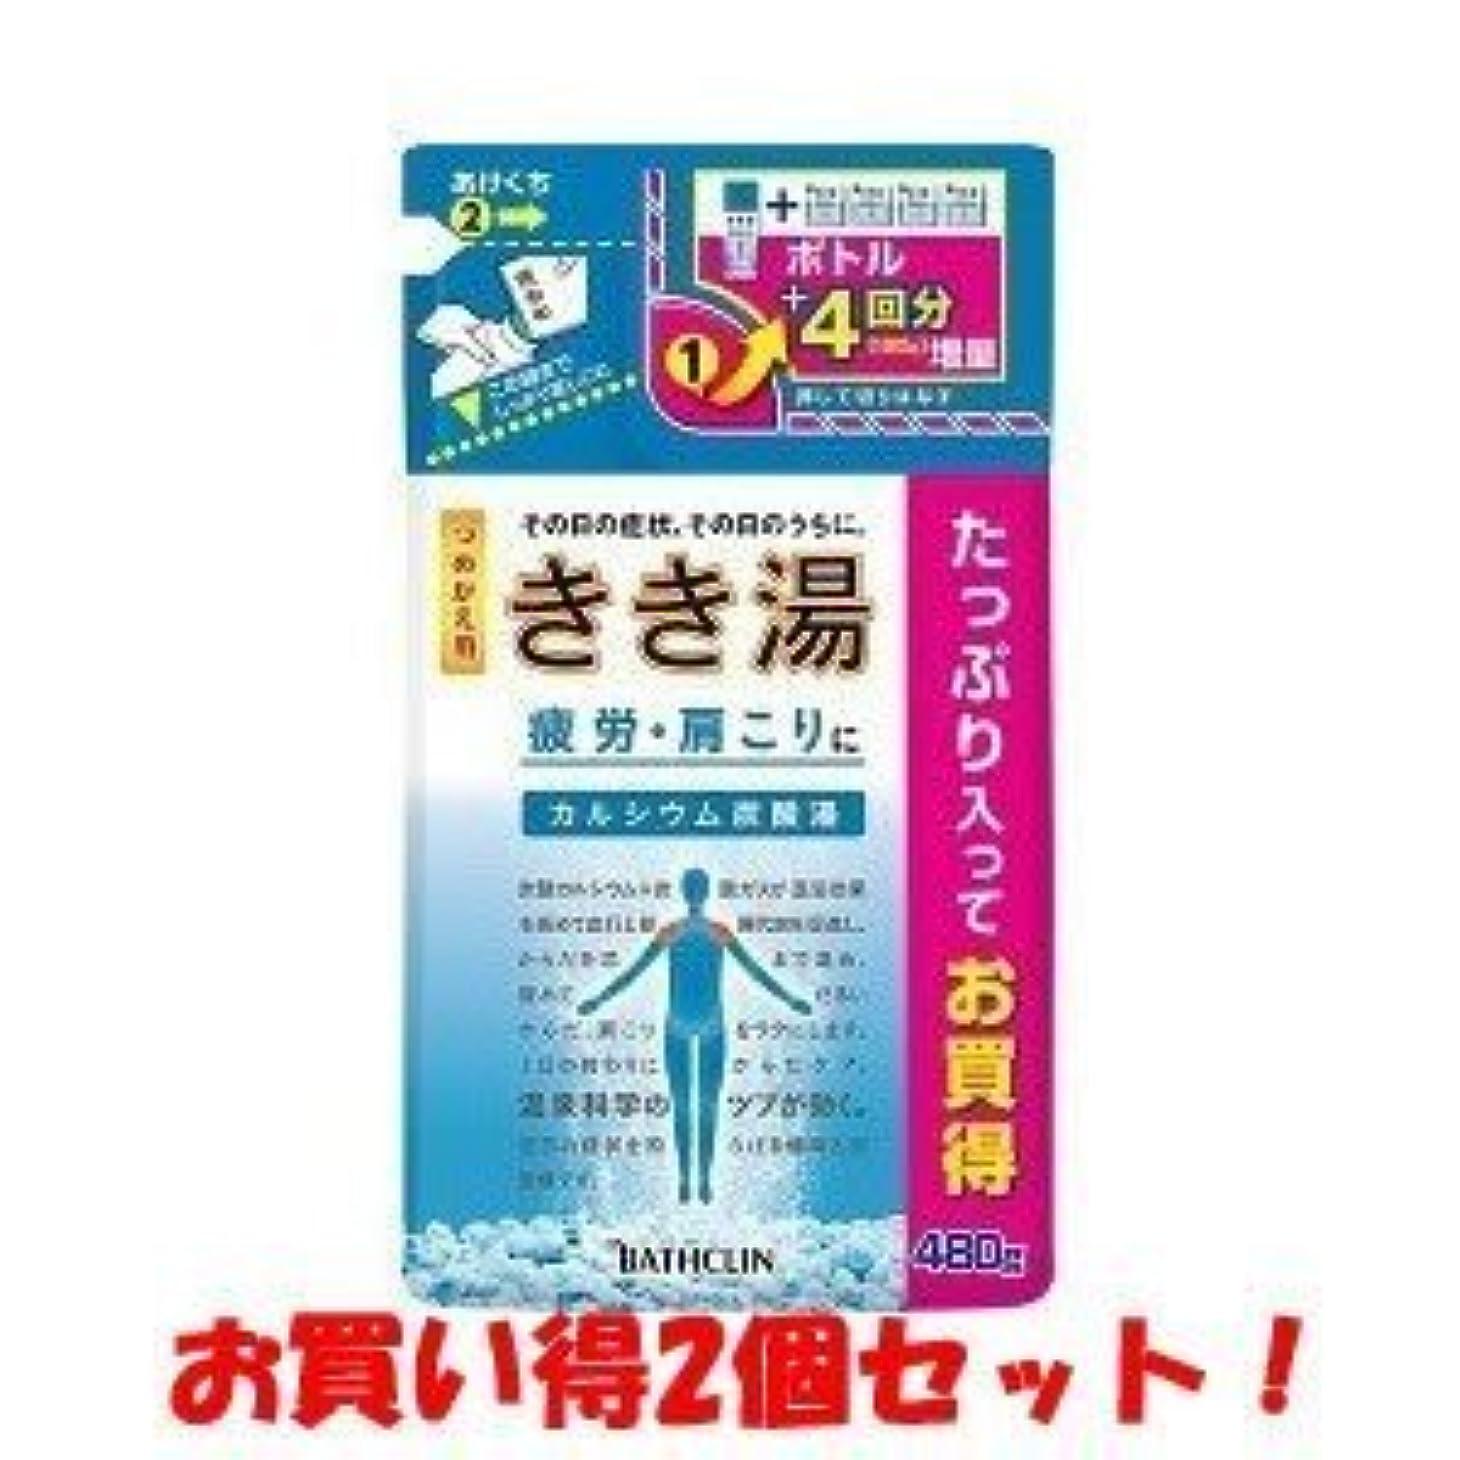 ピルファーやさしくエンターテインメント(バスクリン)きき湯 カルシウム炭酸湯 つめかえ用 480g(医薬部外品)(お買い得2個セット)